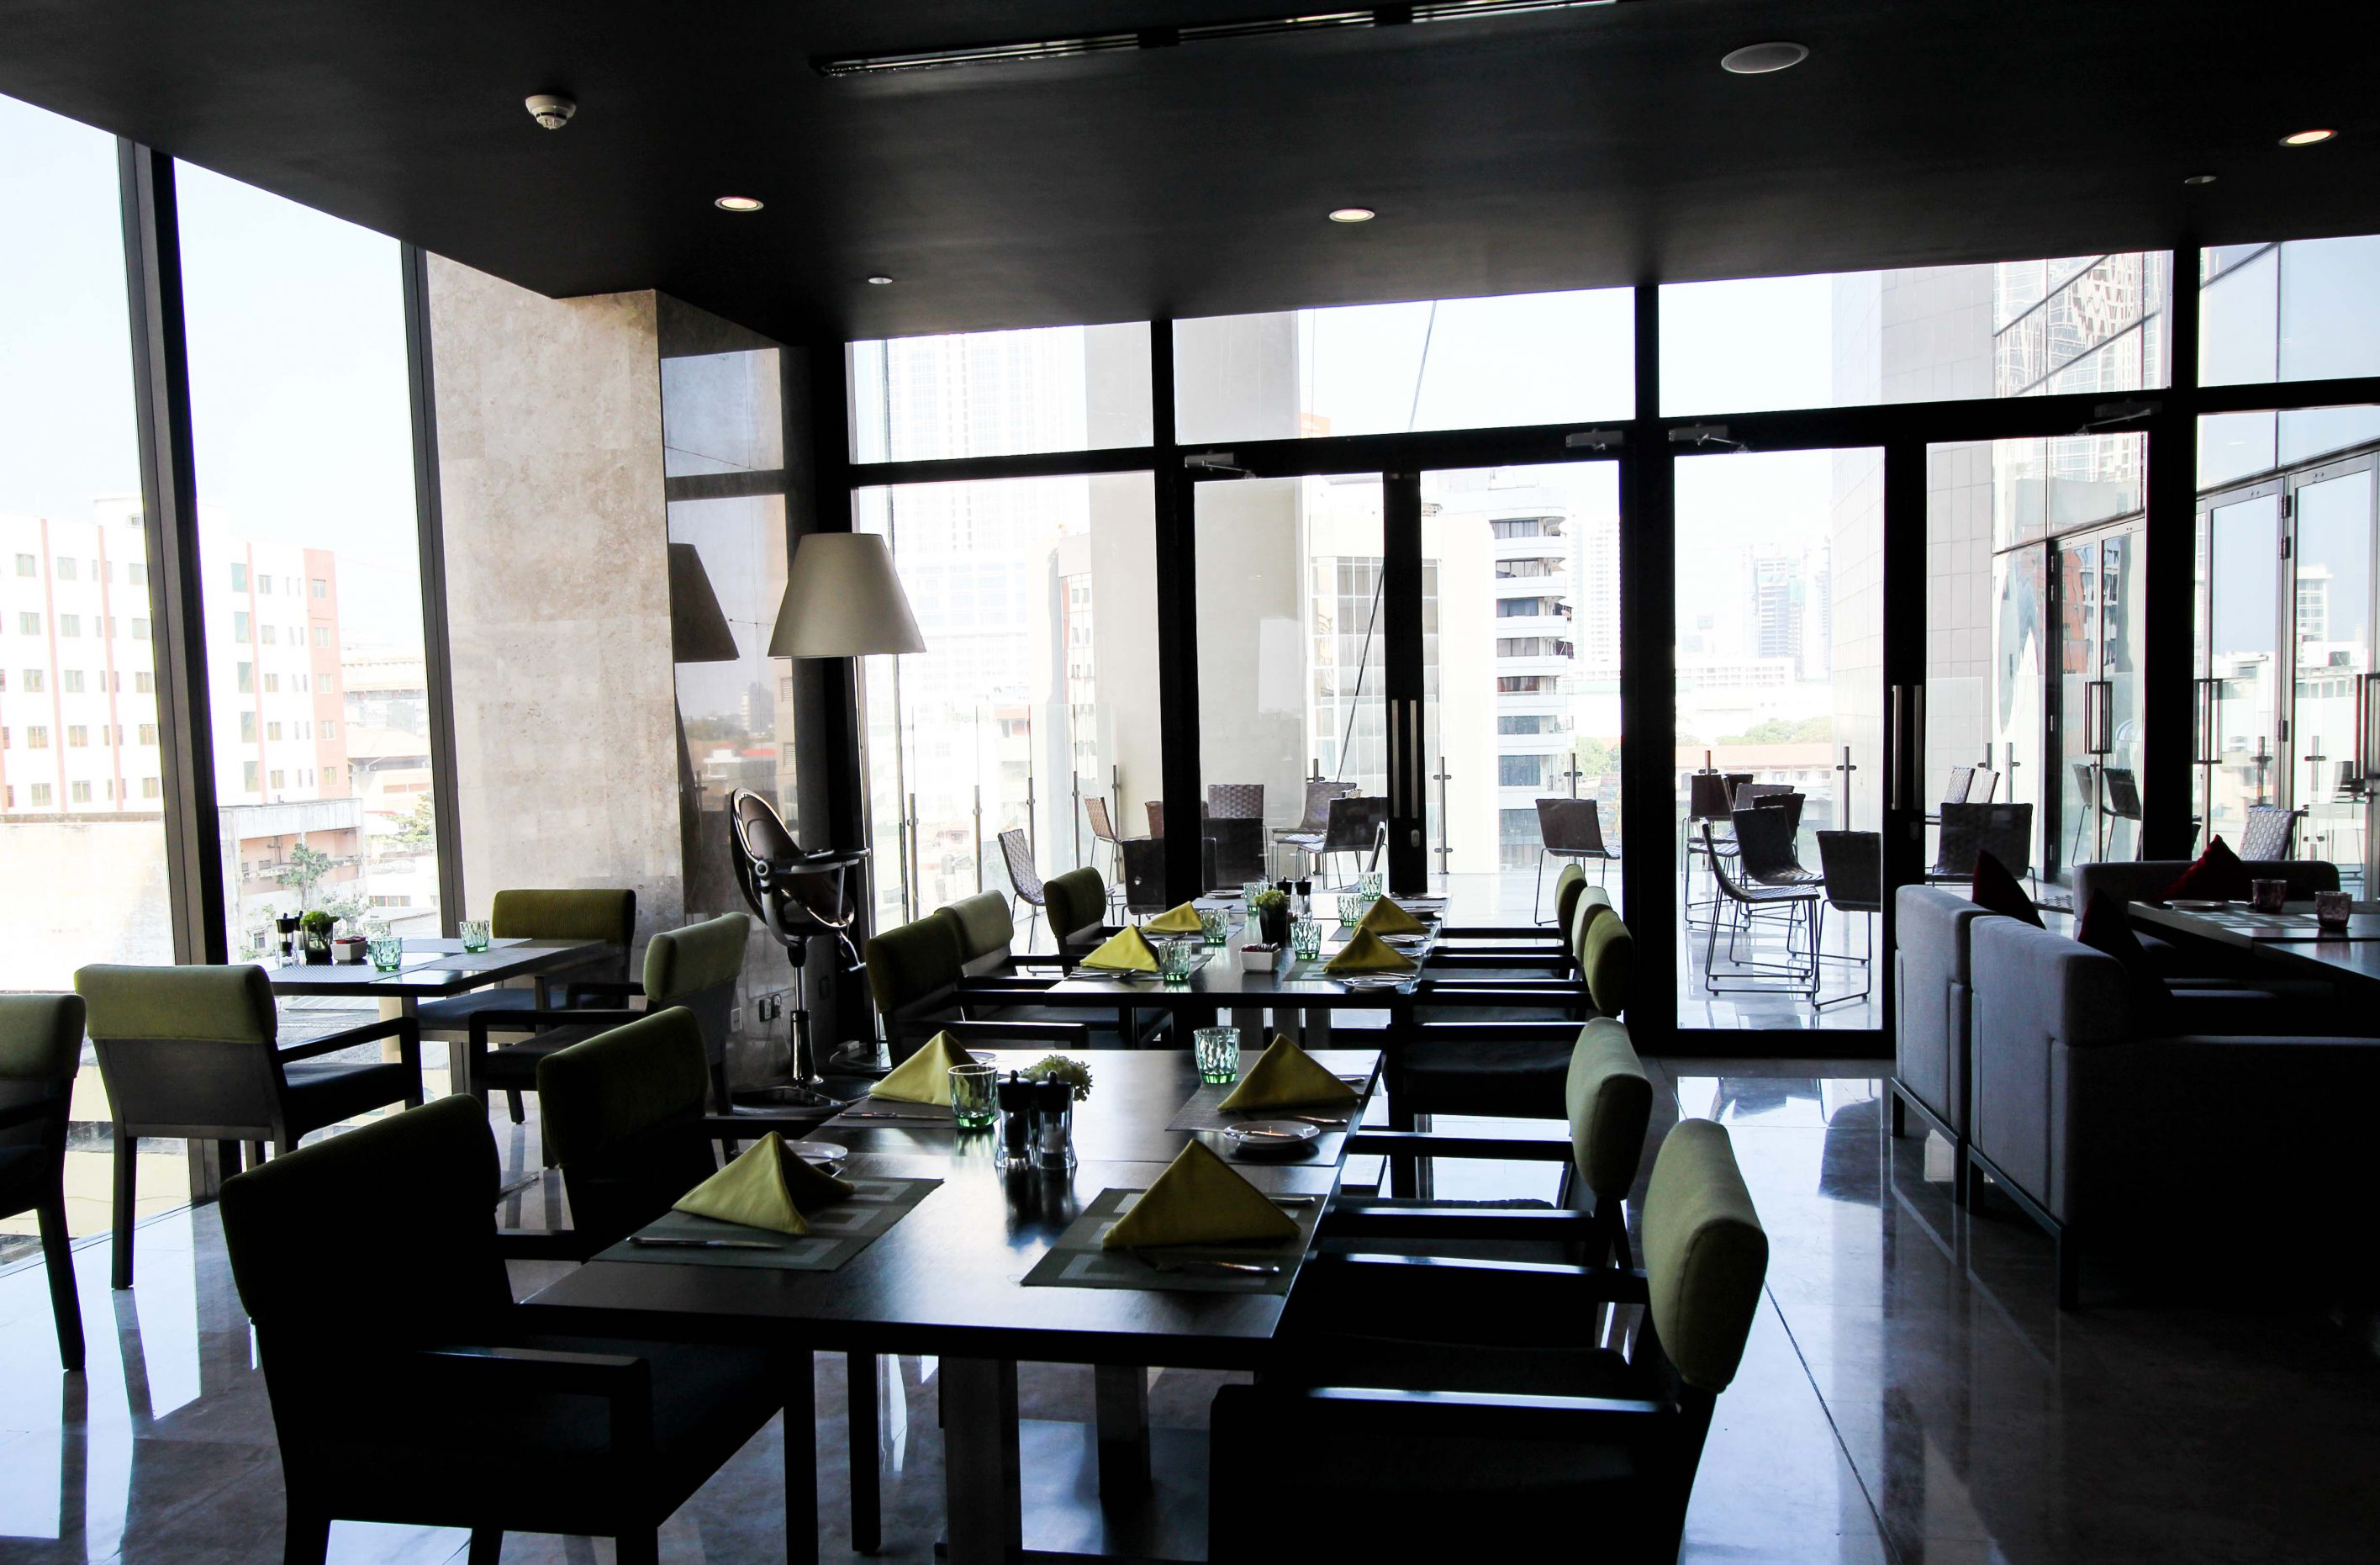 Mövenpick Colombo Hotel Frühstück Raum Reiseblog Brinisfashionbook Hotel Sri Lanka